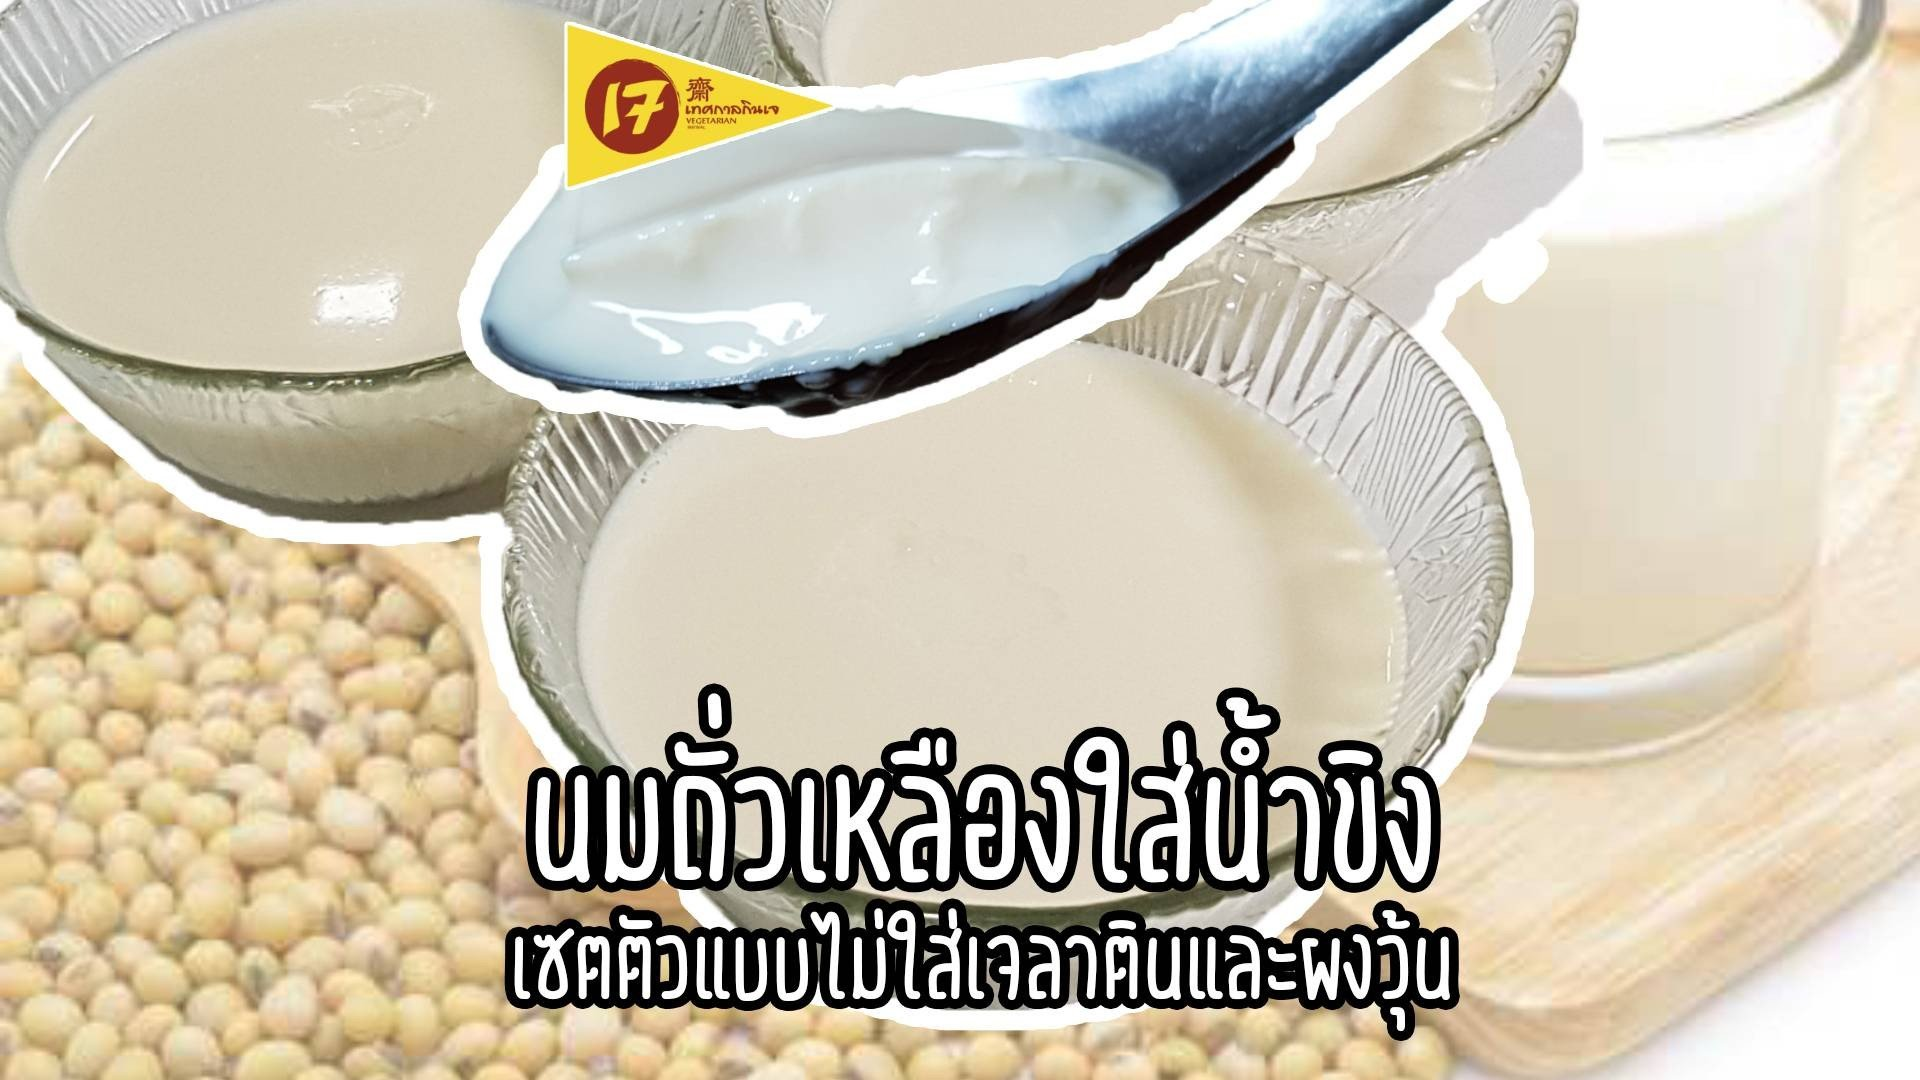 นมถั่วเหลืองใส่น้ำขิงหรือน้ำเต้าหู้ใส่น้ำขิง ไม่ง้อผงวุ้นและเจลาติน